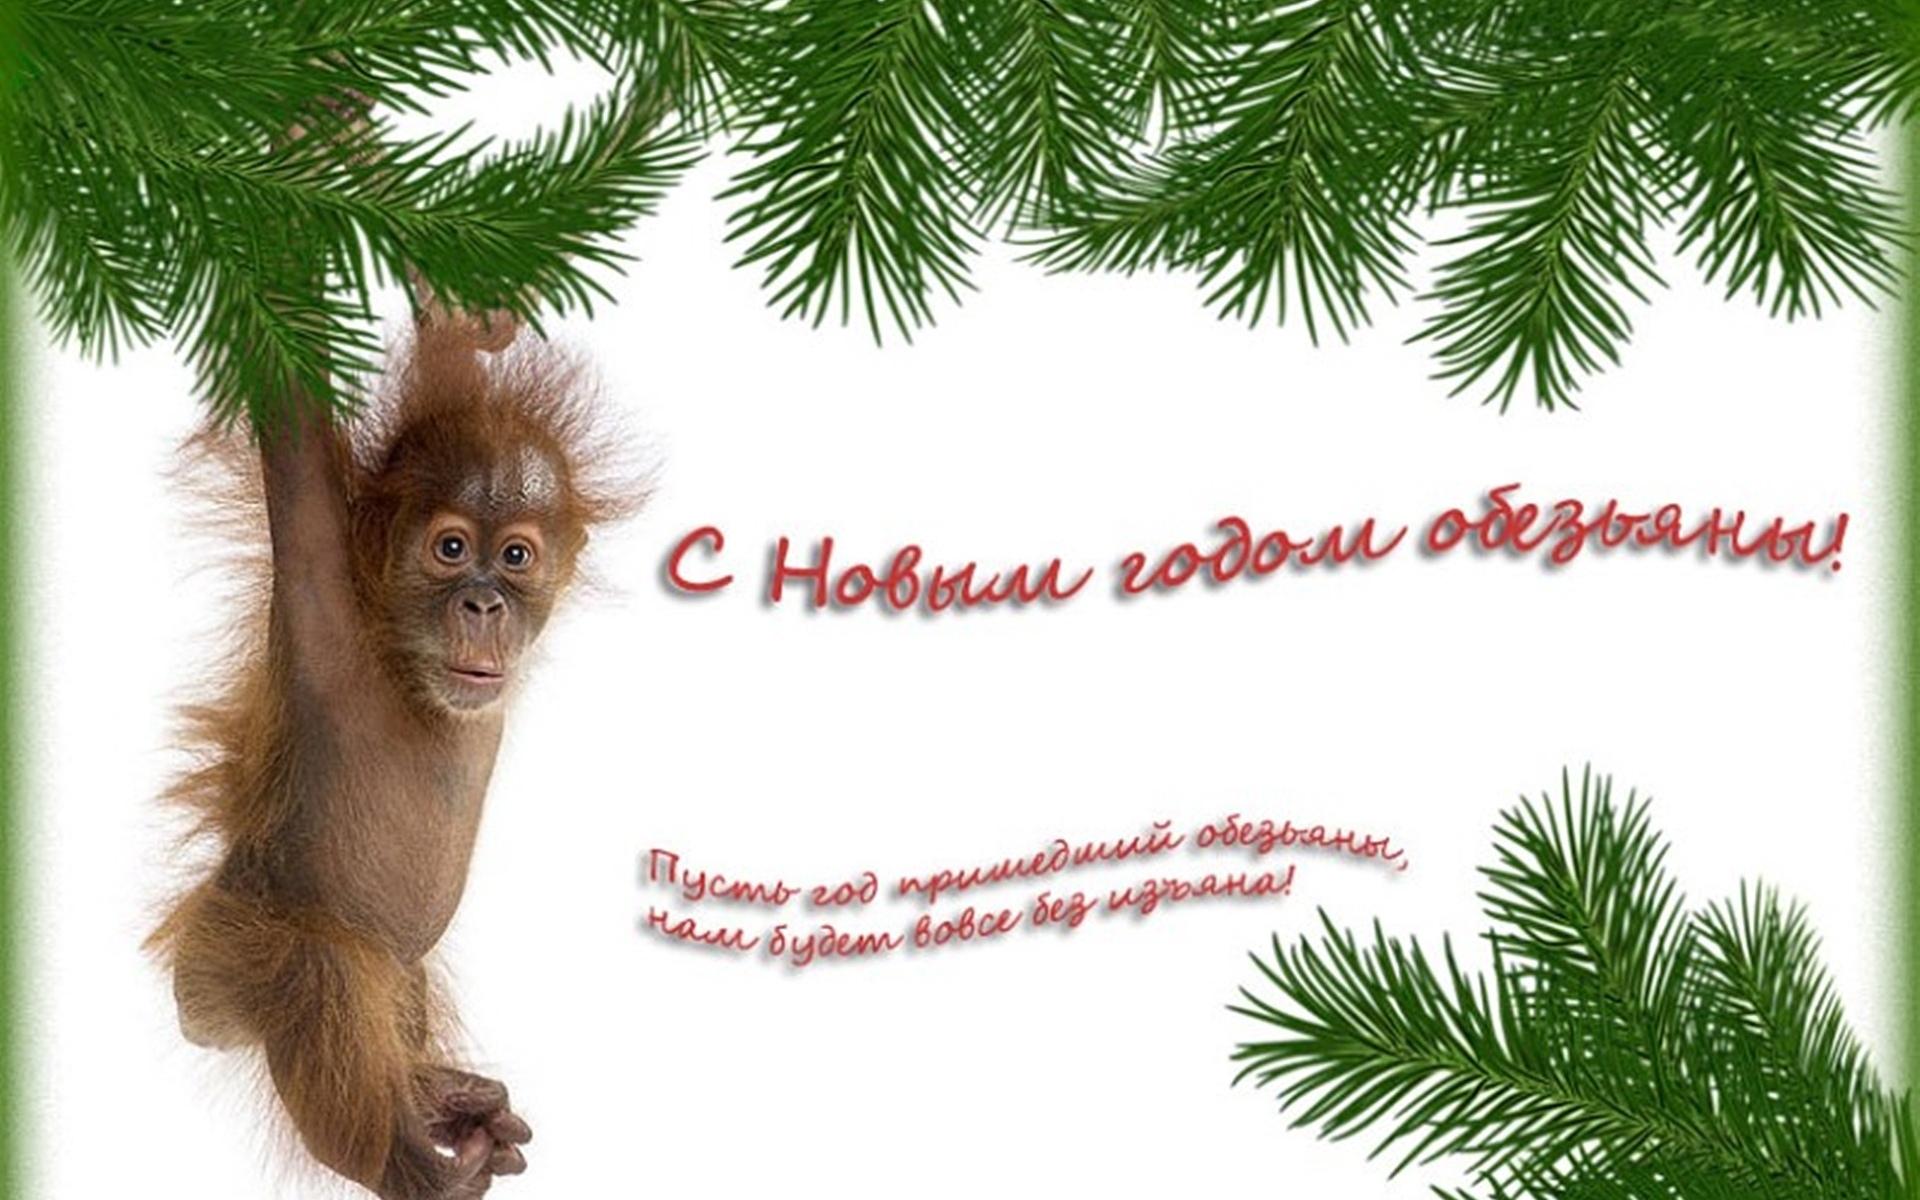 Открытки с новым годом год обезьяны, днем